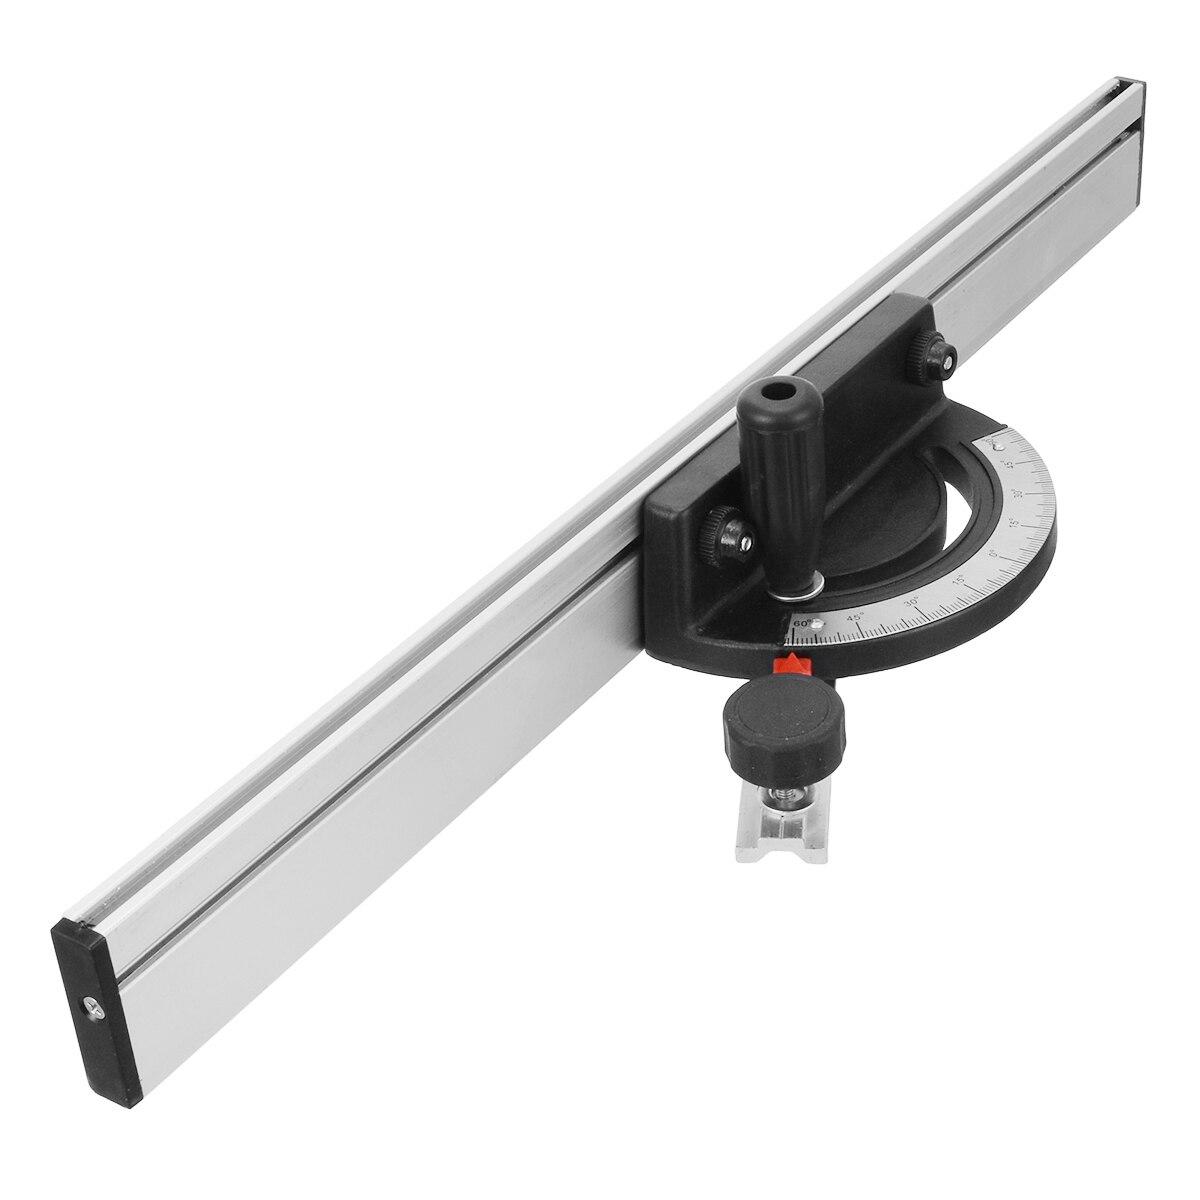 Ferramenta de trabalho de madeira do calibre da mitra do transferidor para a serra de fita serra de mesa roteador ângulo do calibre da mitra guia cerca peças máquinas para trabalhar madeira